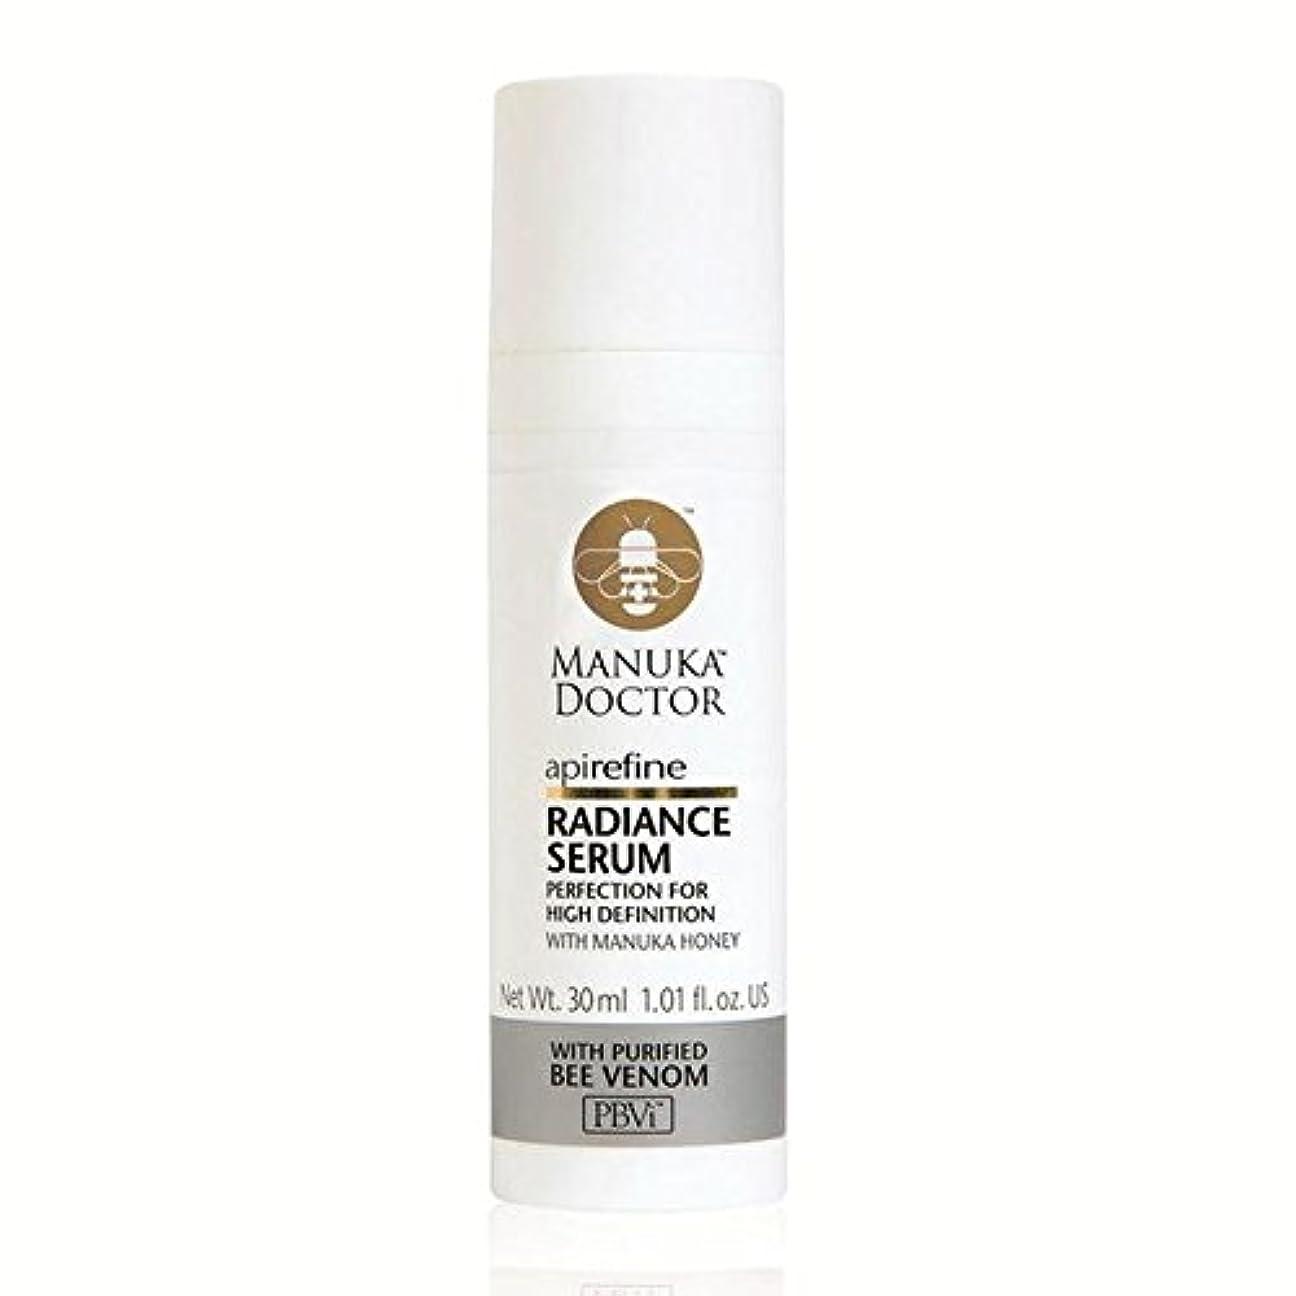 格納難しい推測マヌカドクター絞り込み放射輝度セラム30 x2 - Manuka Doctor Api Refine Radiance Serum 30ml (Pack of 2) [並行輸入品]